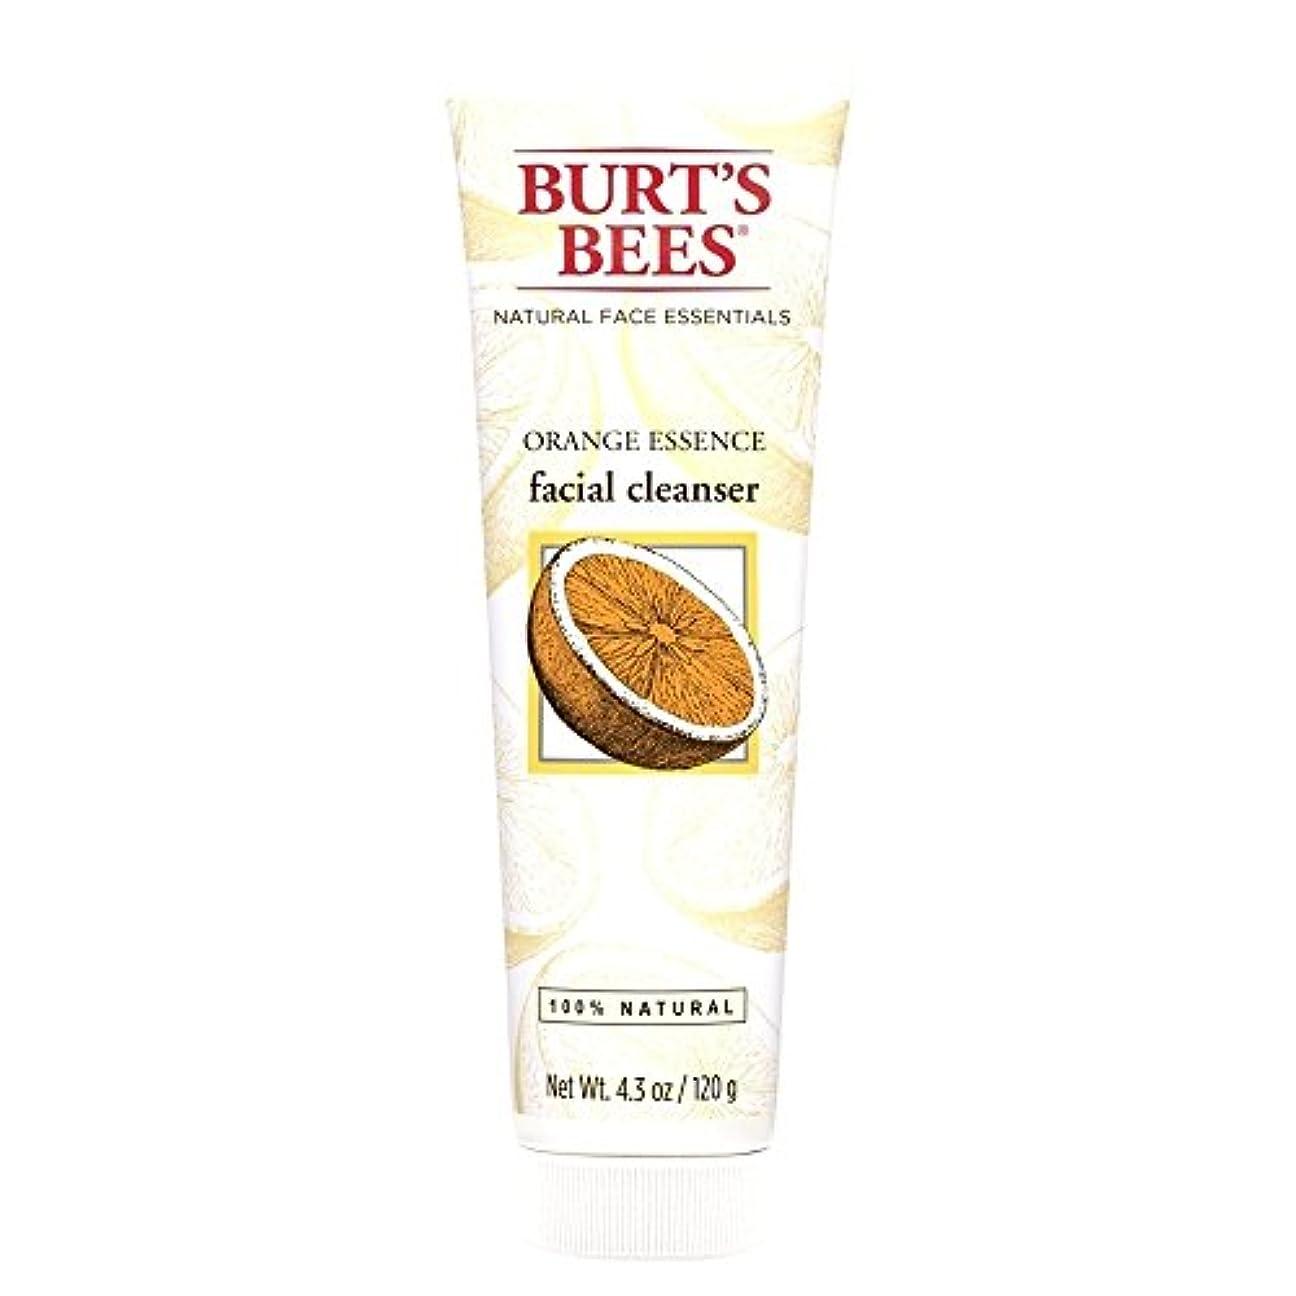 おとこわかりやすい到着するバーツビーオレンジエッセンス洗顔料、125グラム (Burt's Bees) (x6) - Burt's Bees Orange Essence Facial Cleanser, 125g (Pack of 6) [並行輸入品]